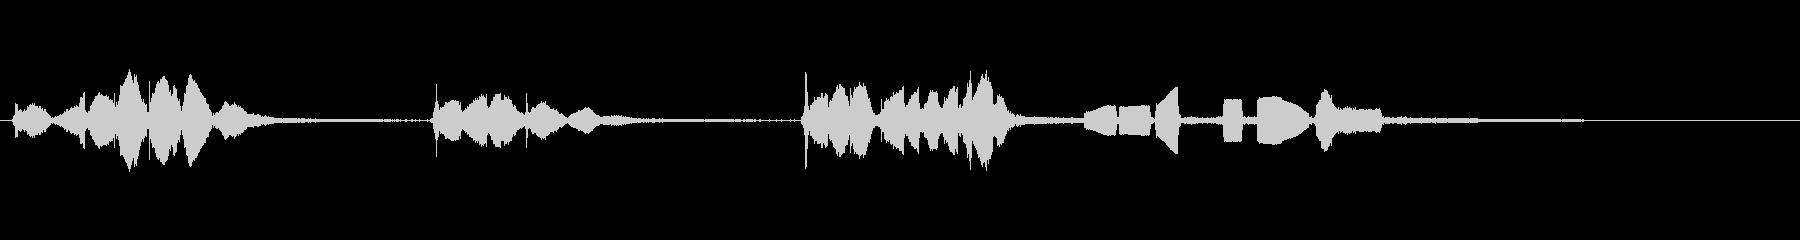 スターファイターとK9P2、SCI...の未再生の波形